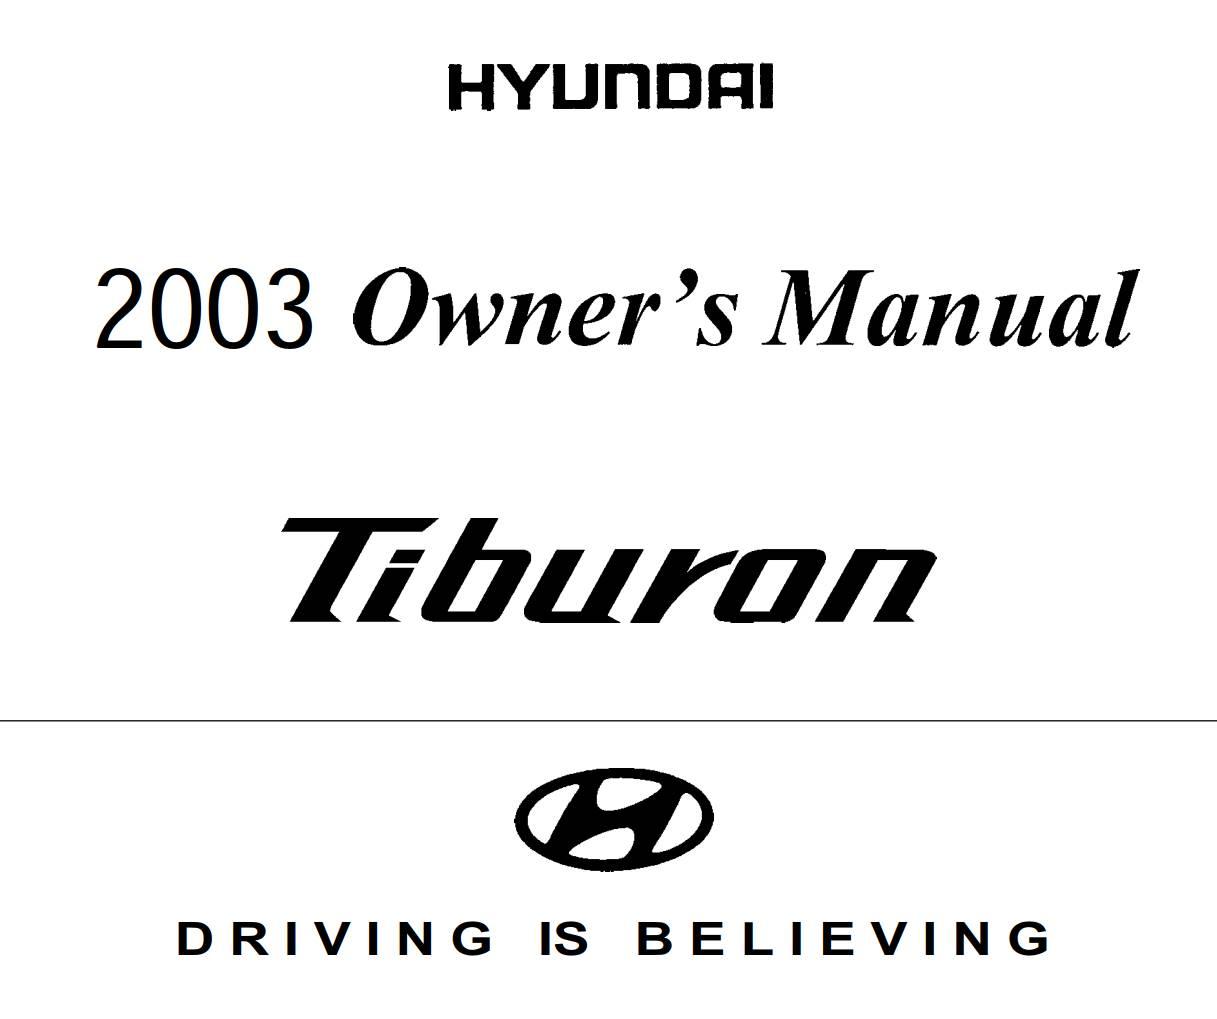 Hyundai Tiburon 2003 Owner's Manual